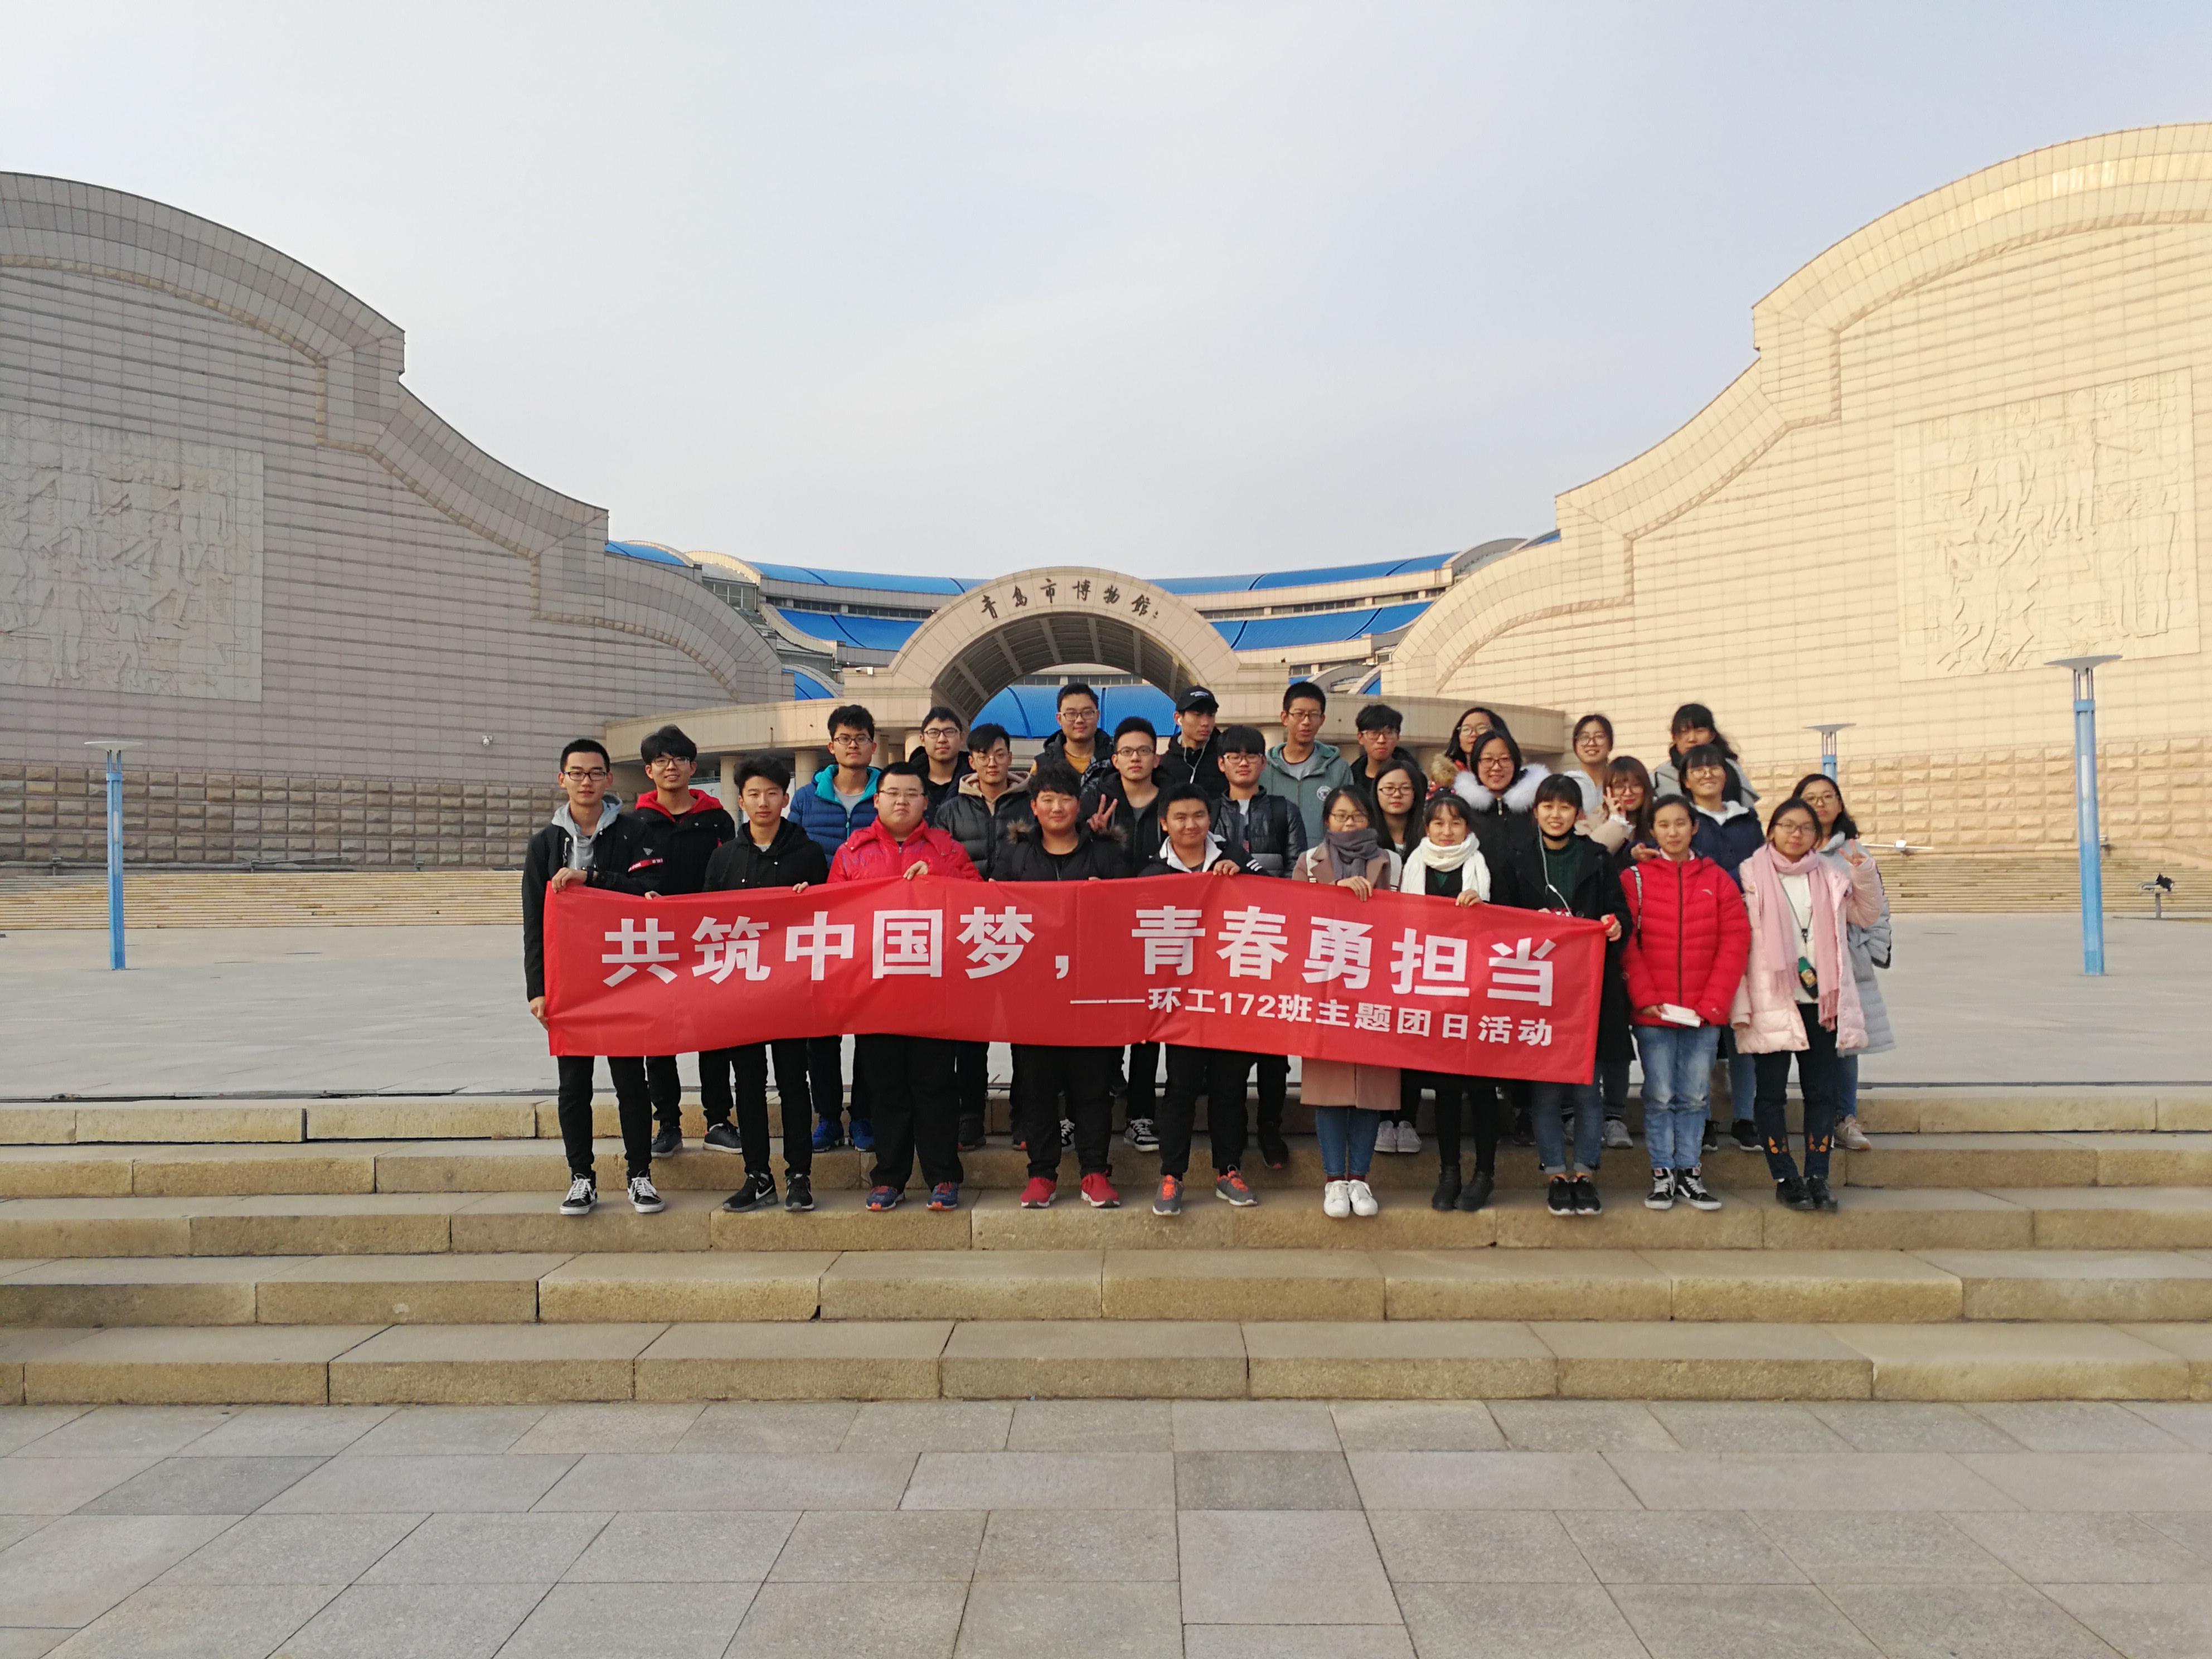 共筑中国梦,青春勇担当——记环工172班团学活动